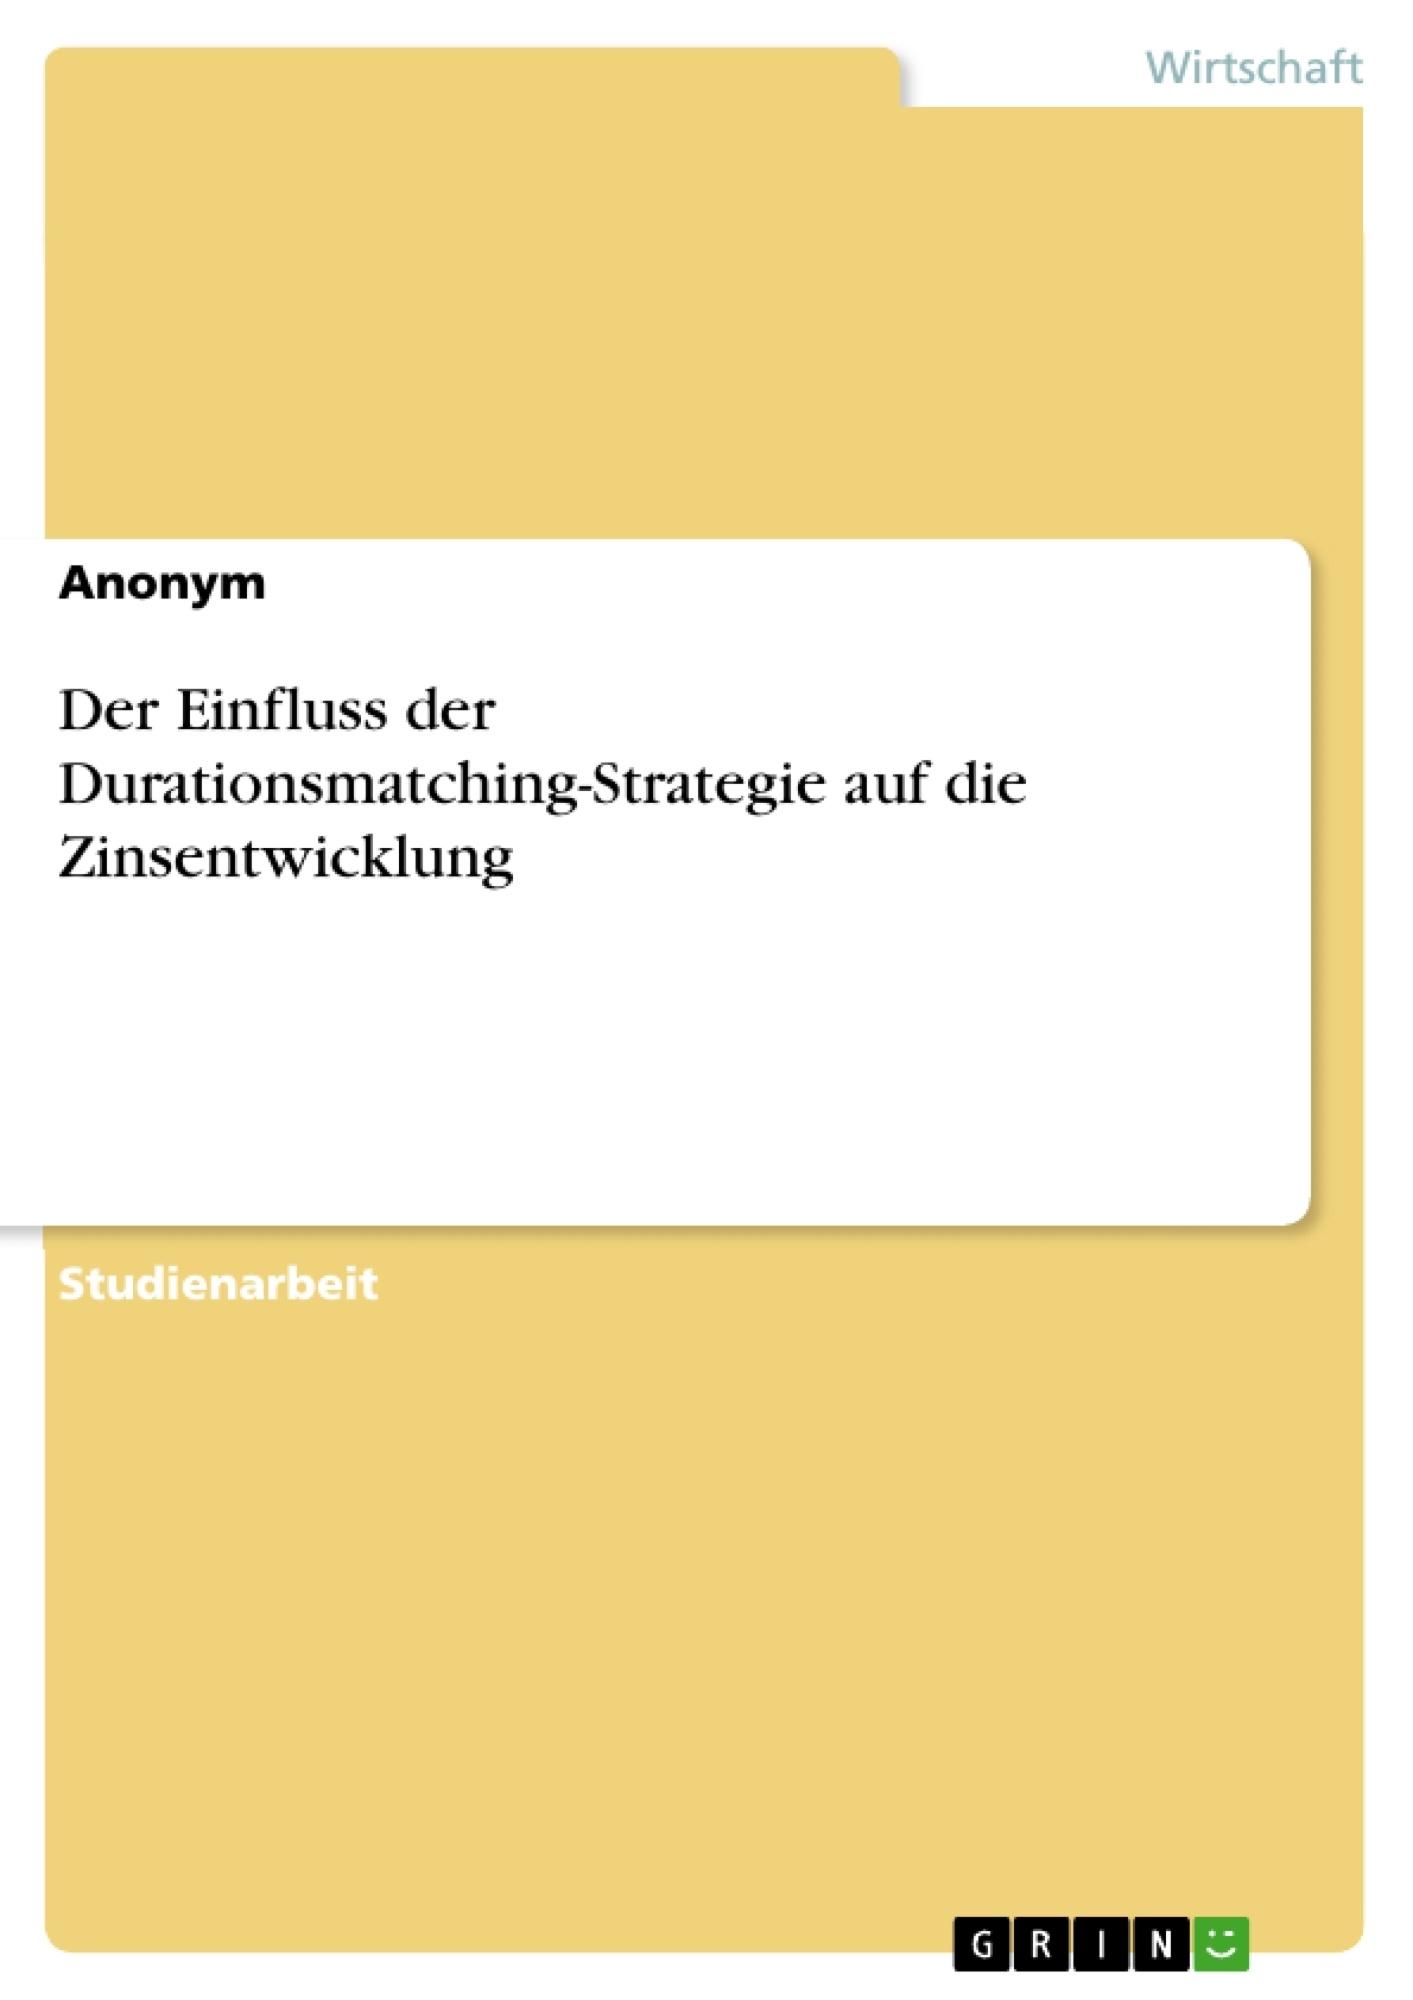 Titel: Der Einfluss der Durationsmatching-Strategie auf die Zinsentwicklung